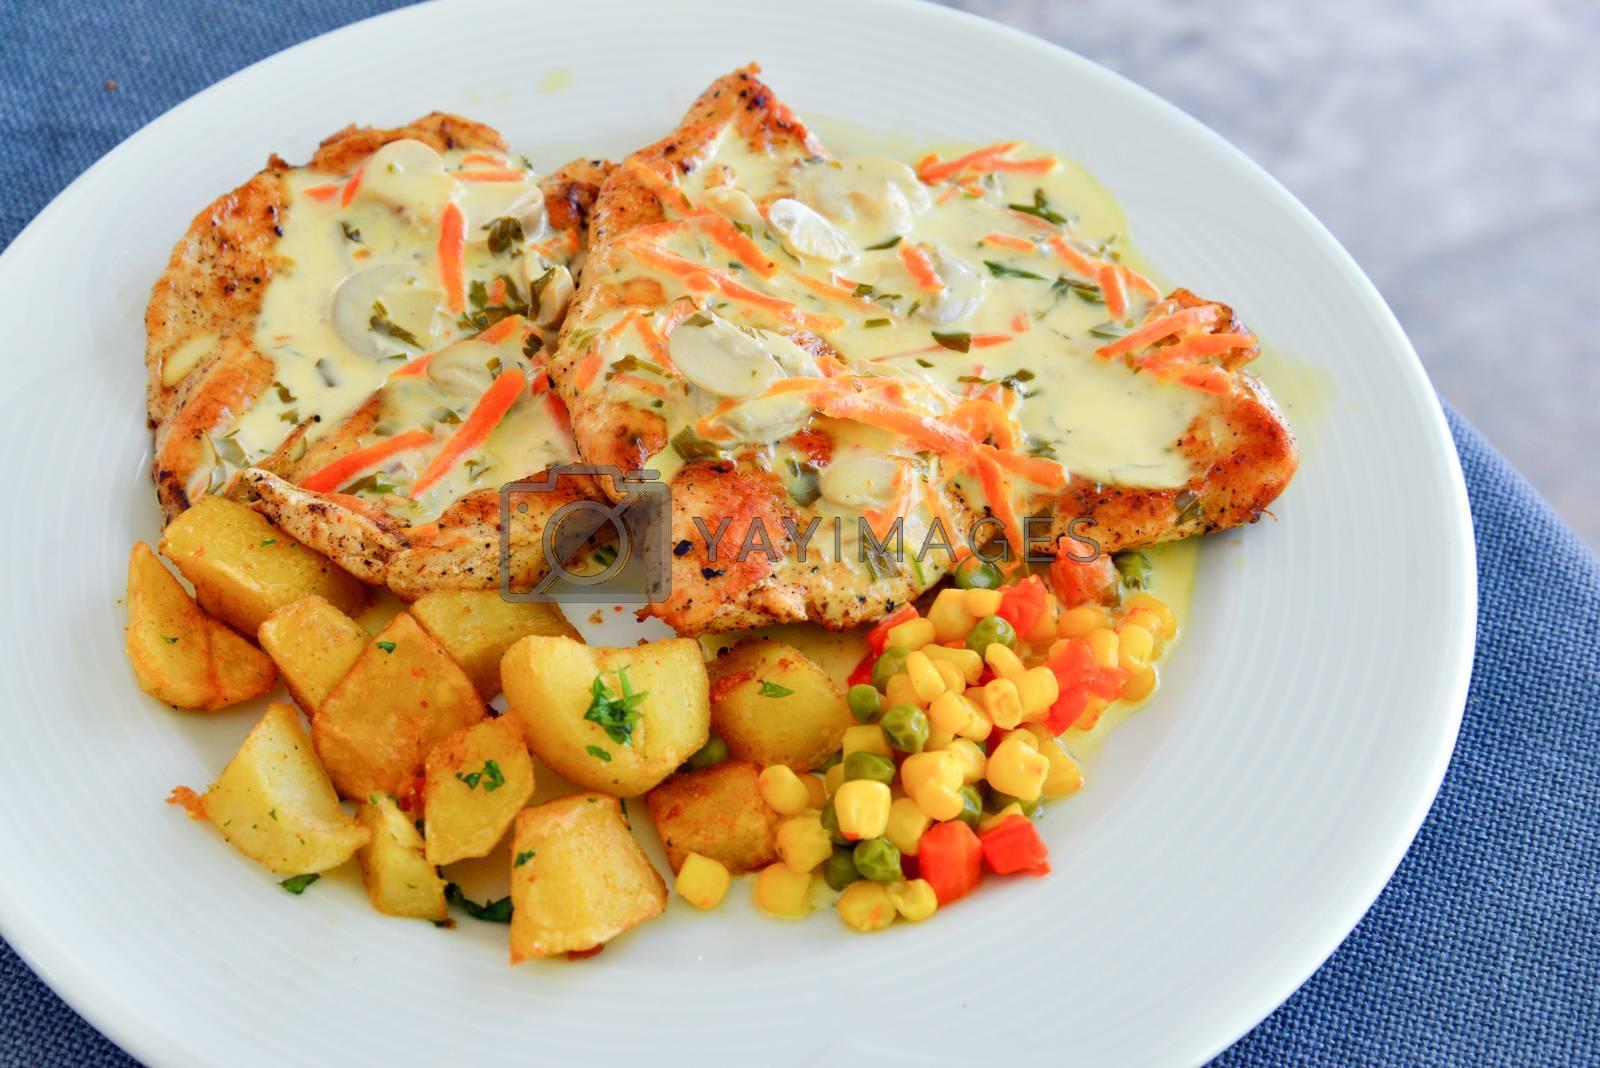 Royalty free image of Grilled garnish chicken steaks by nehru